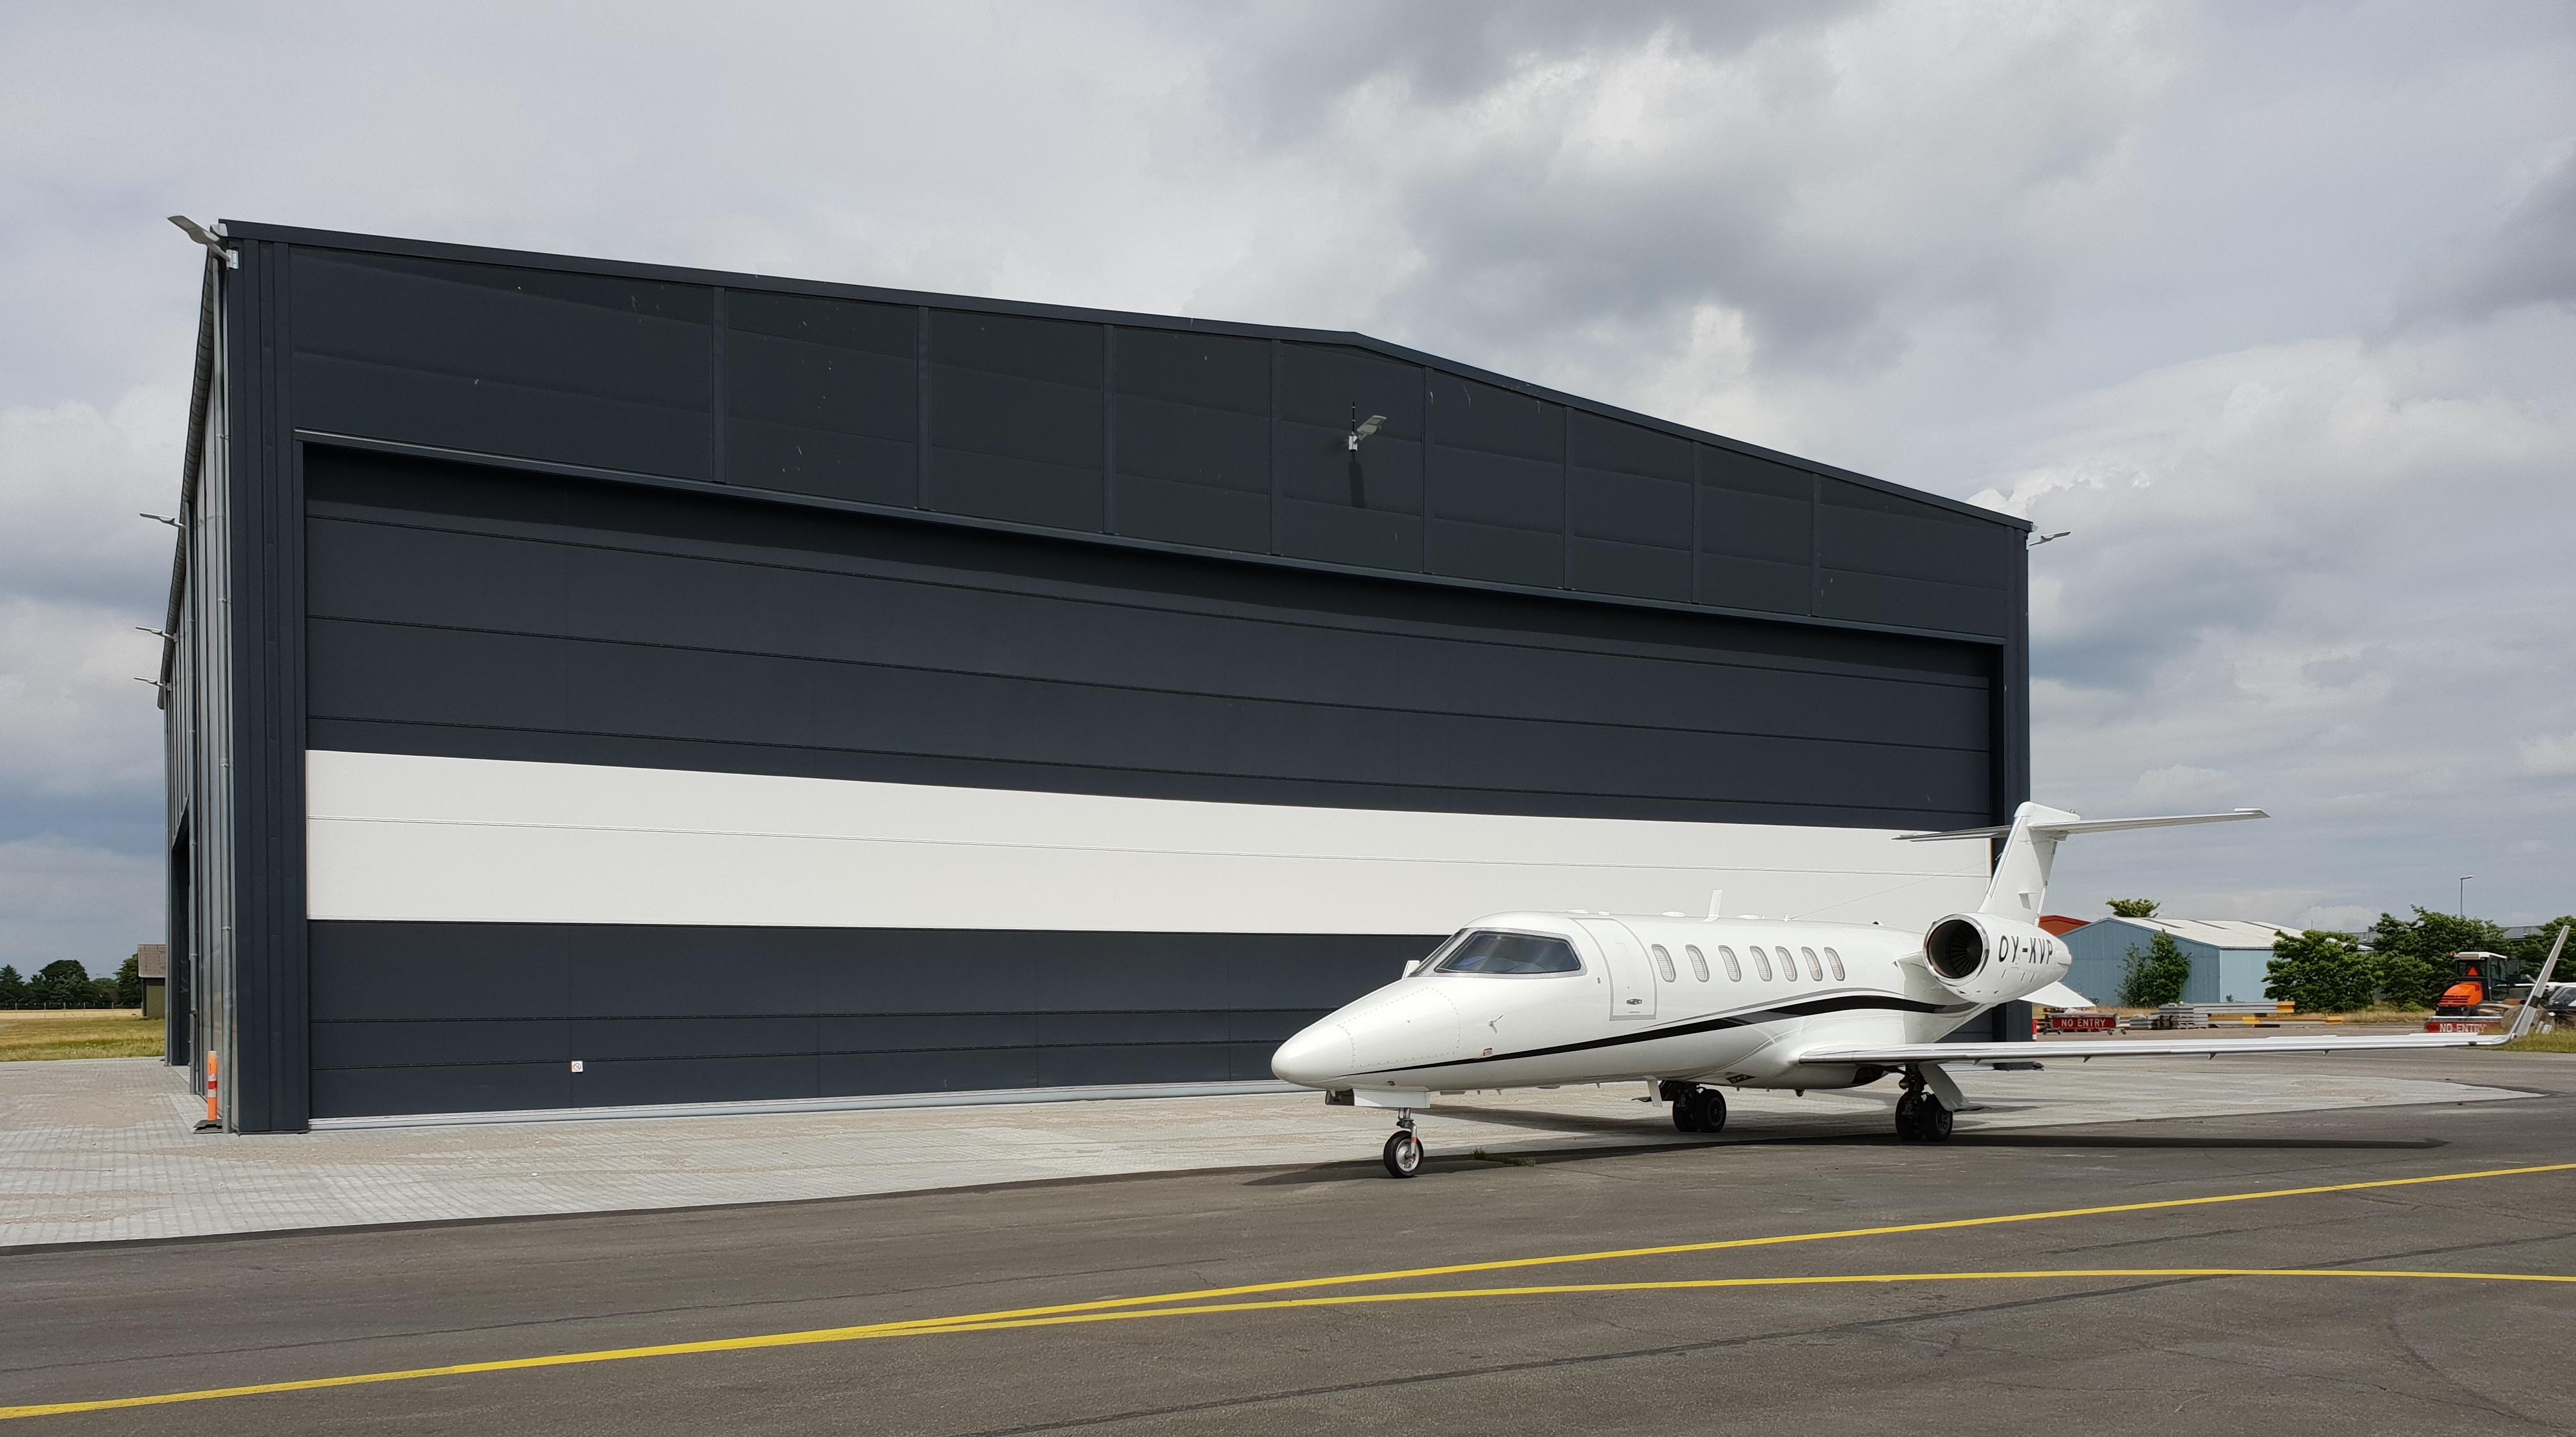 En businessjet af typen LearJet 40 foran den nye hangar i Roskilde Lufthavn. Foto: Mette Bach Dyremose, JetHost